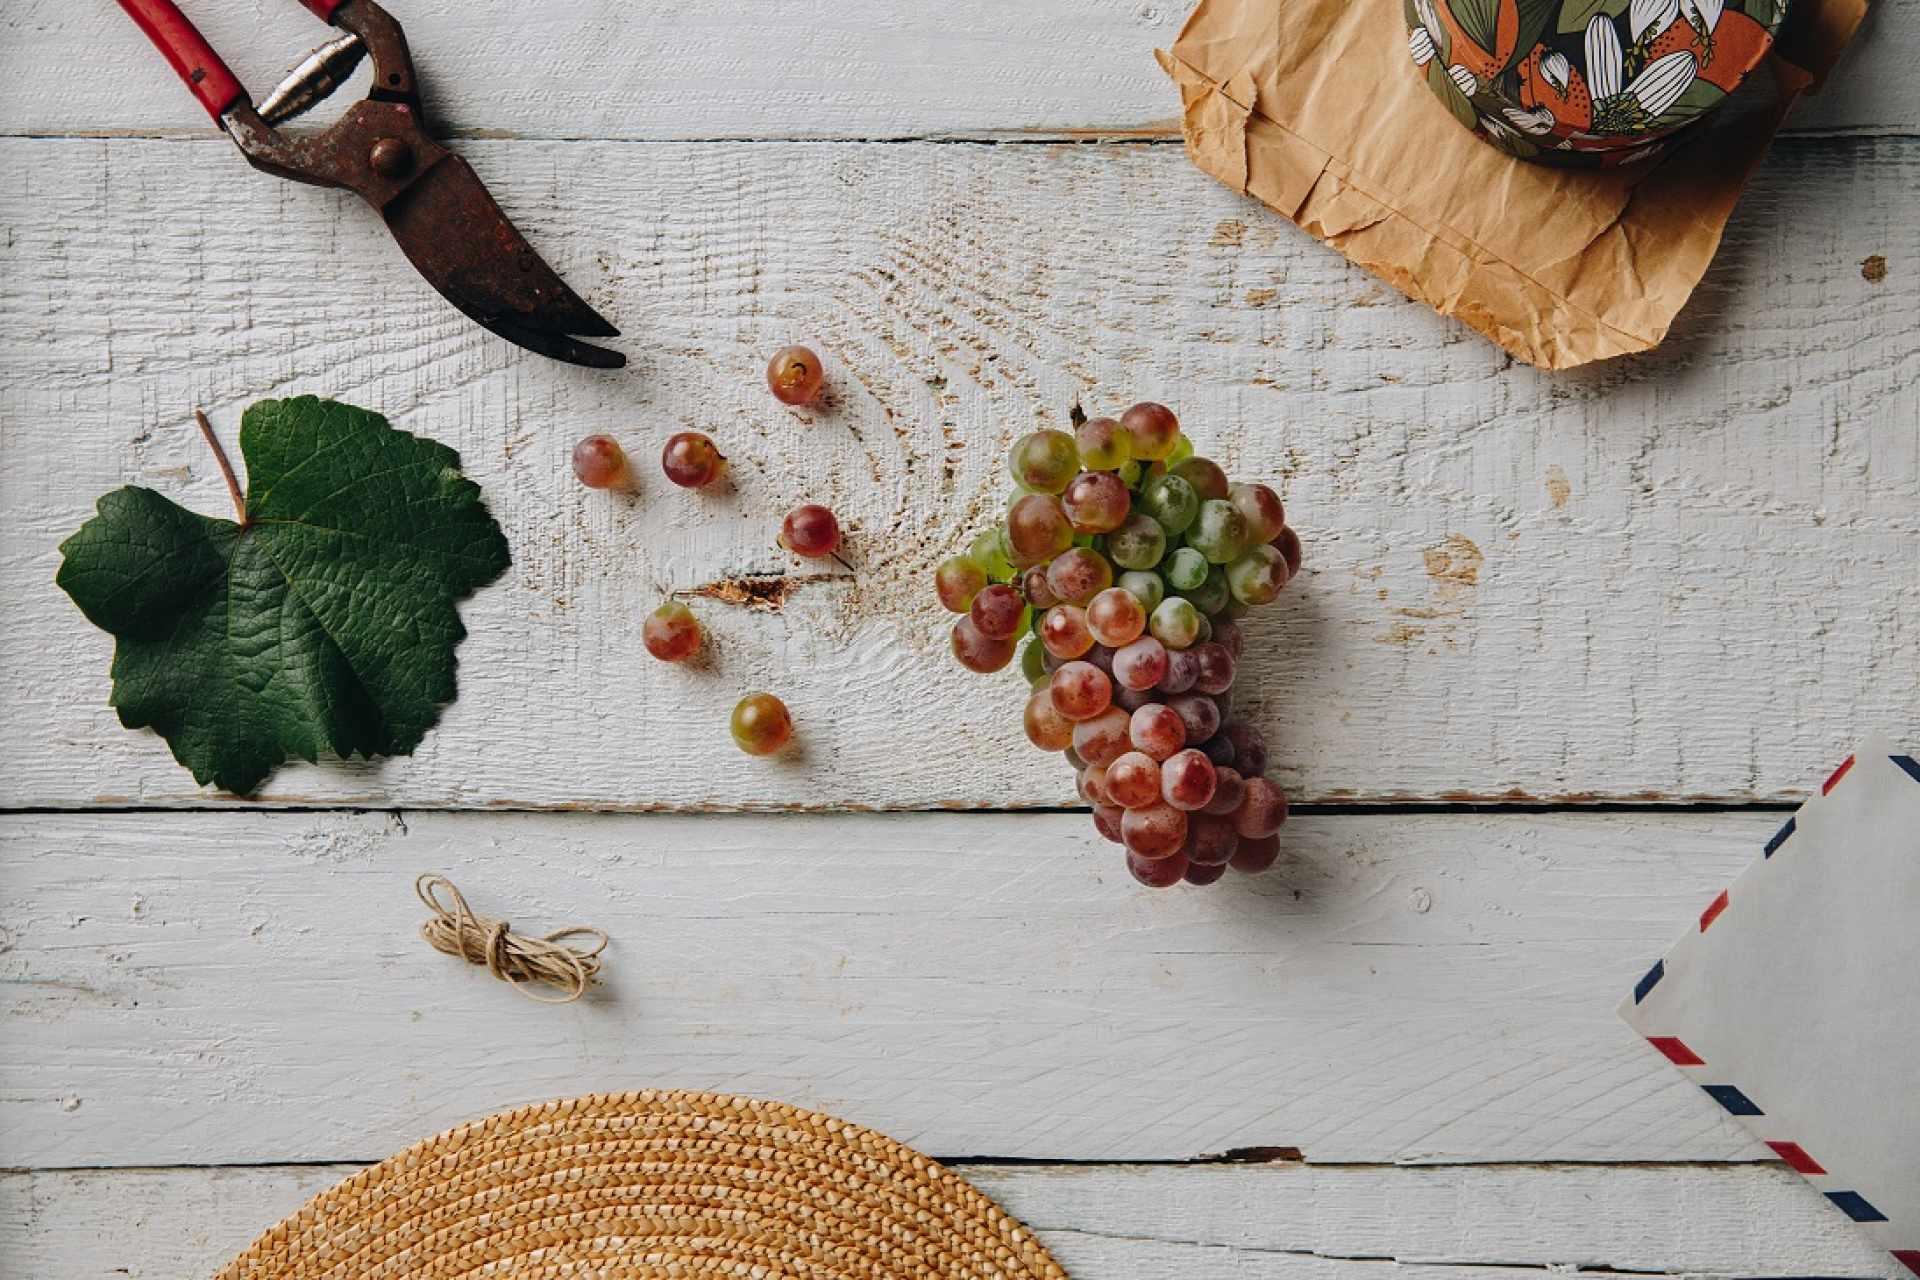 Kövidinka szőlőfajta